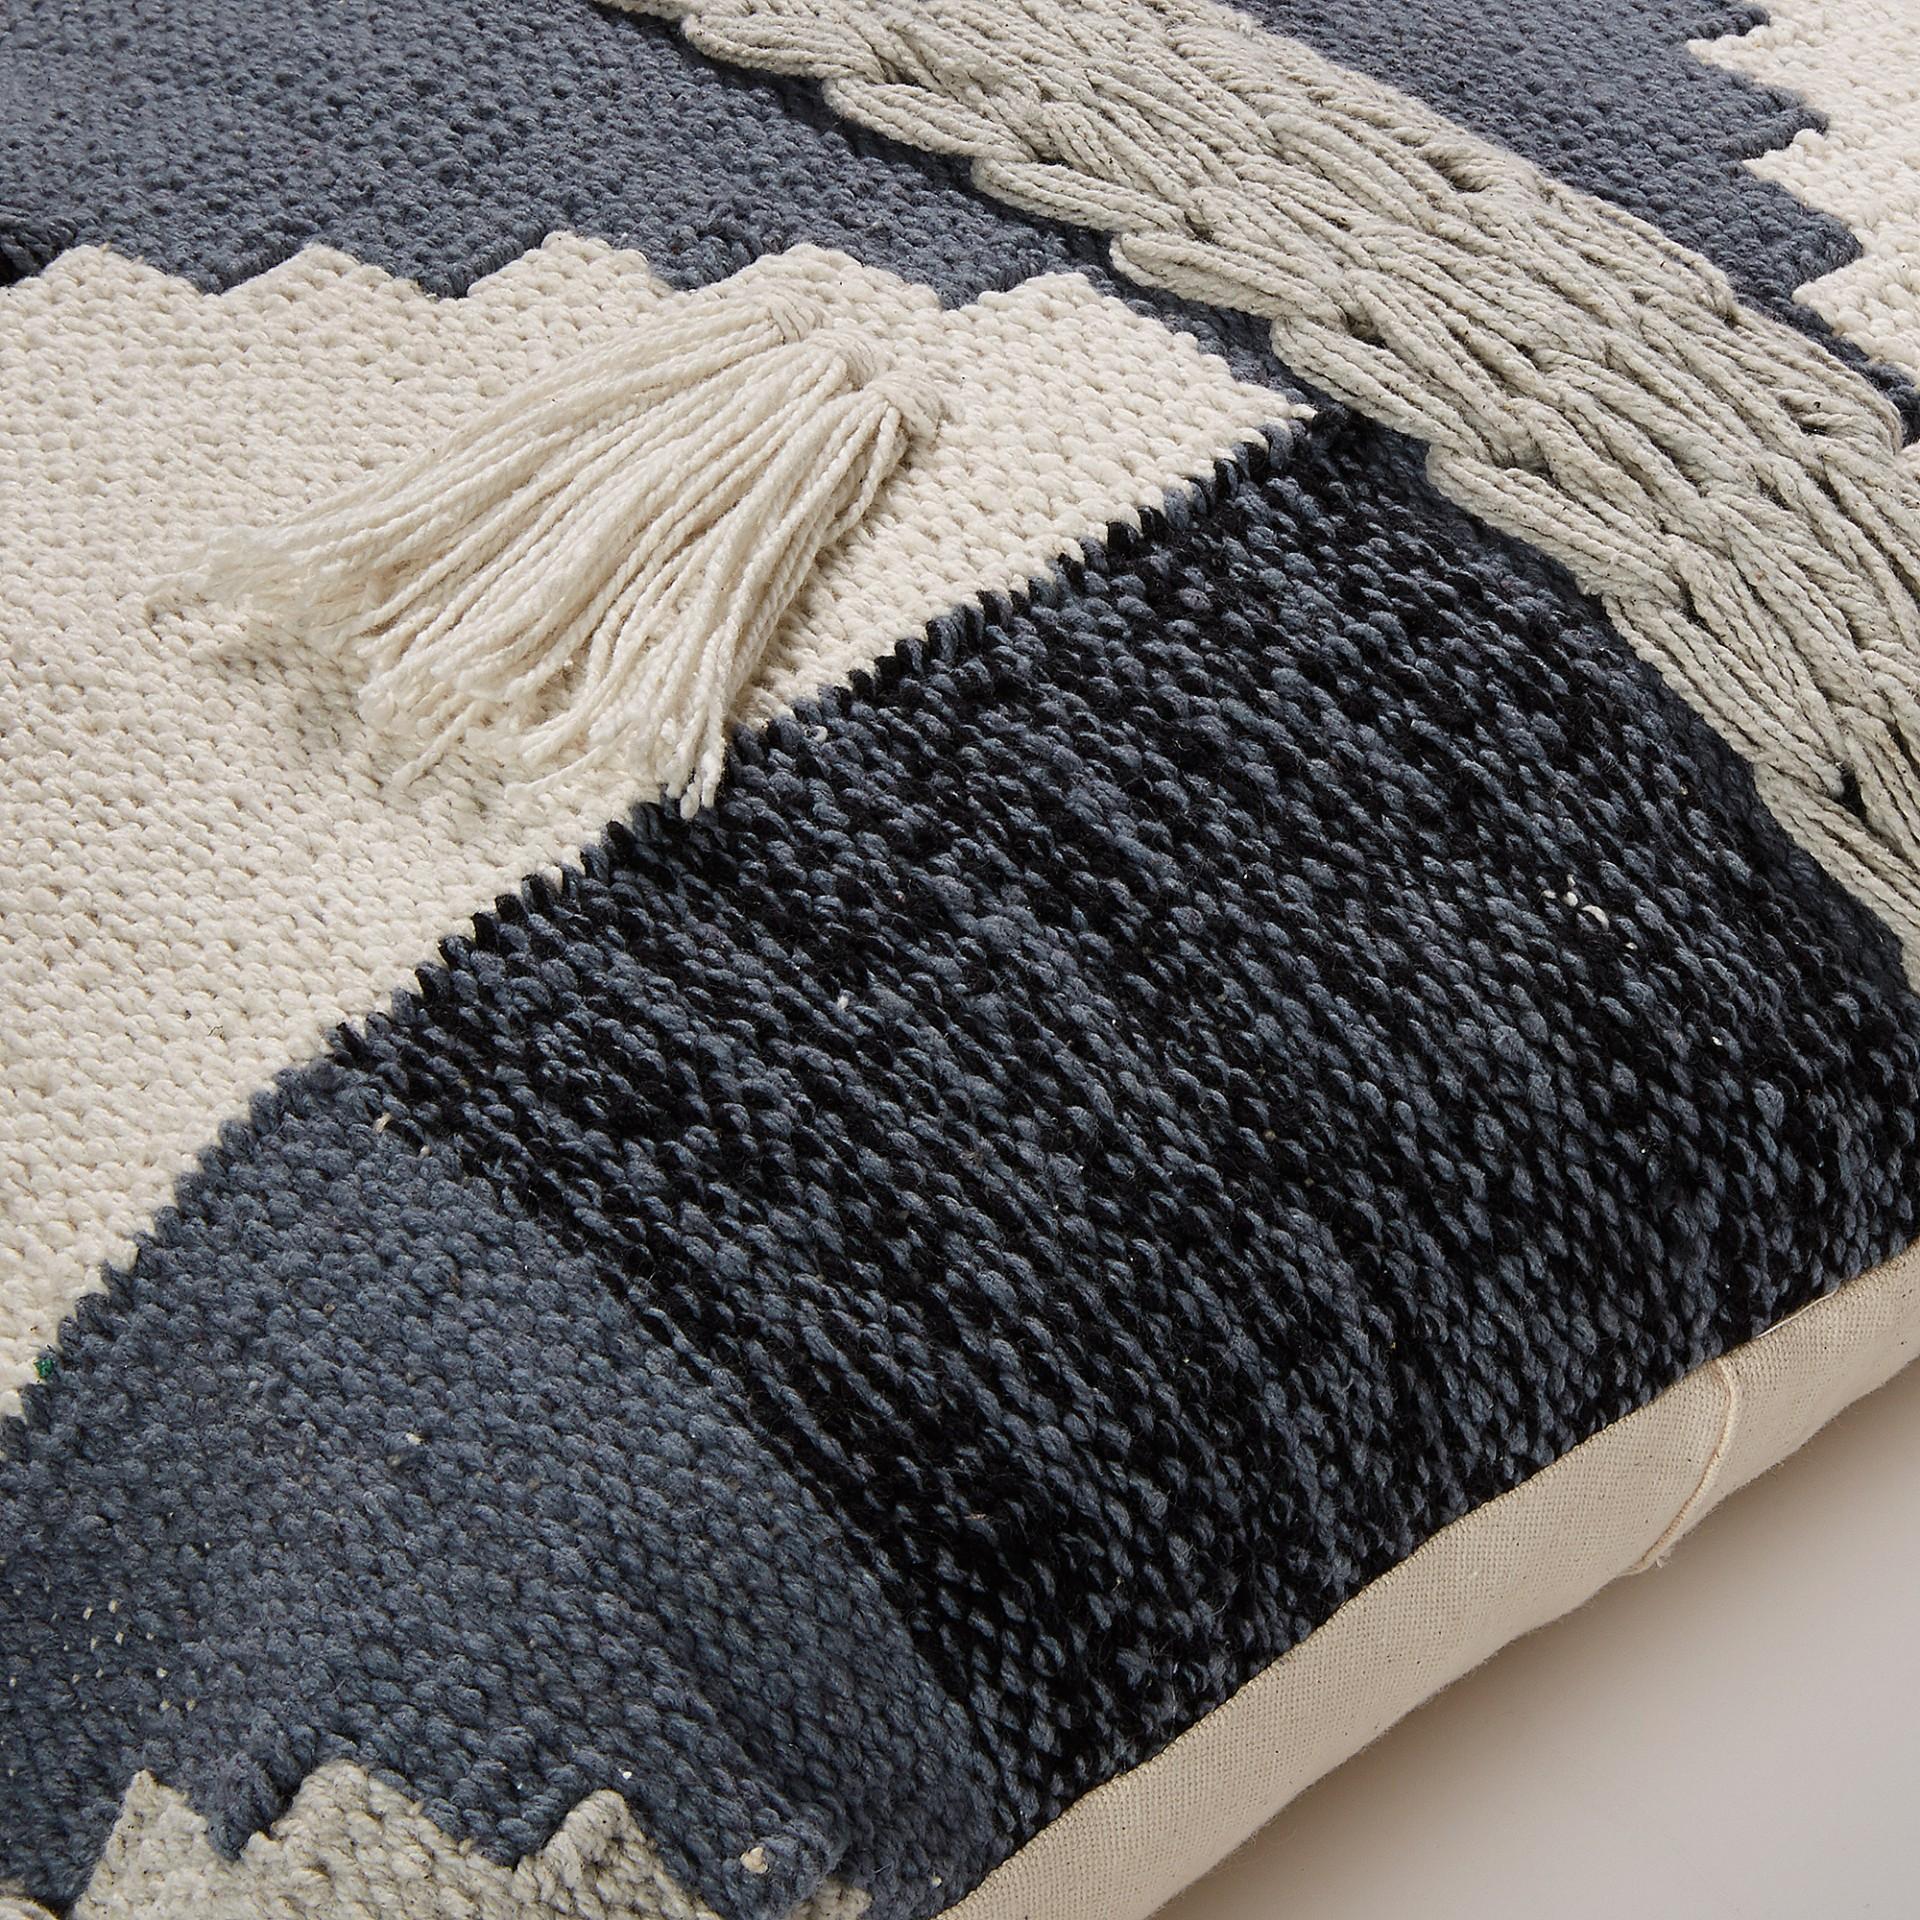 Capa de almofada multicolor, padrão Jacquard, 45x45 cm